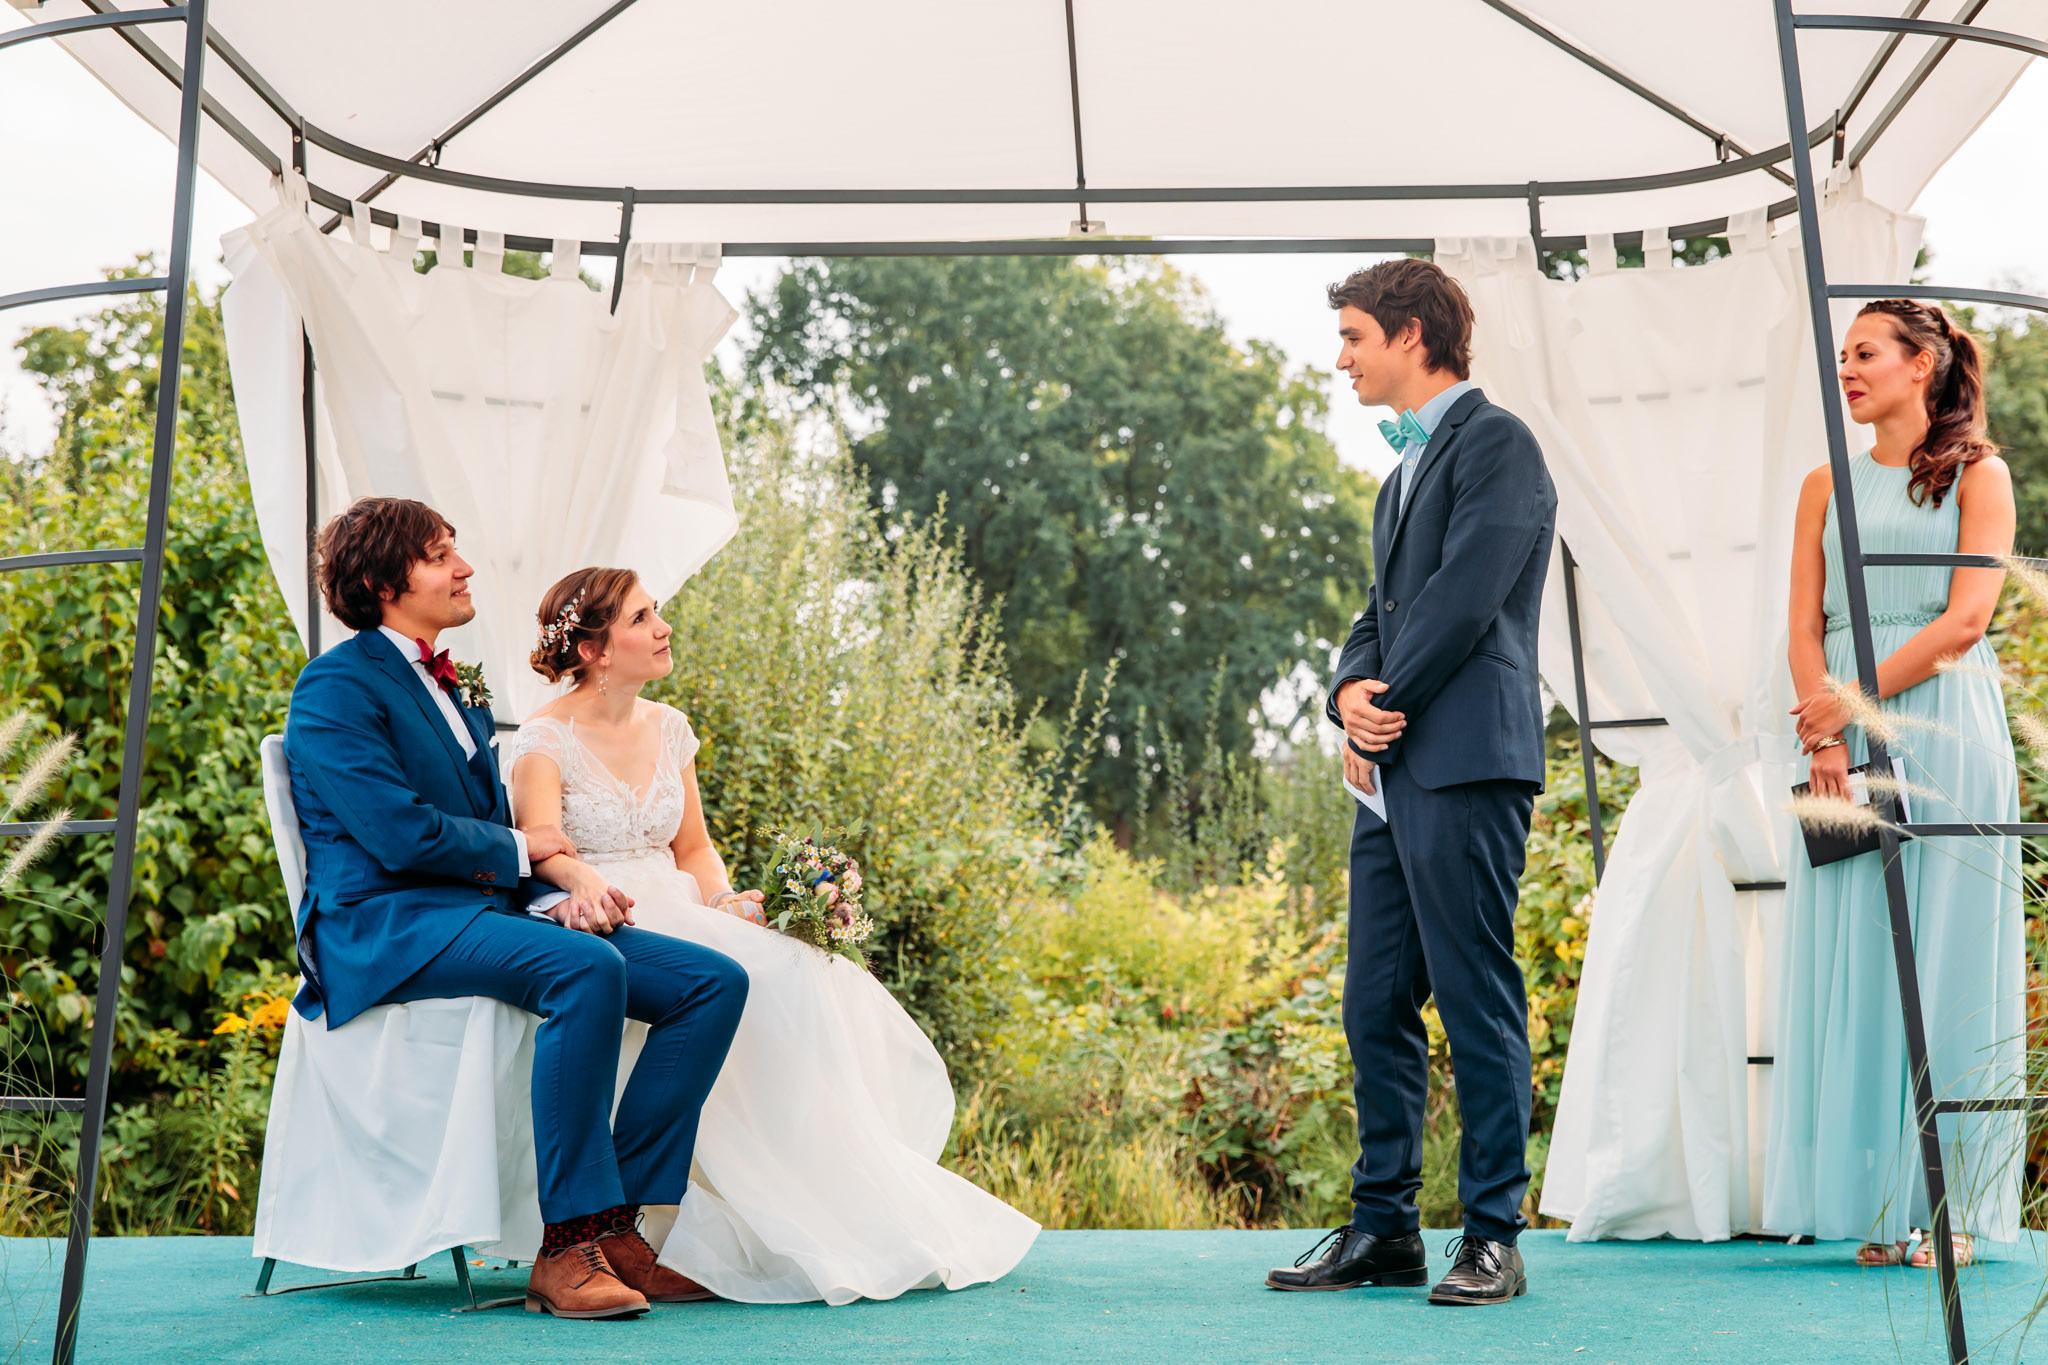 180901_freie_Trauung_Hochzeit_Potsdam_Krongut_Bornstedt_Feier_web_0009.jpg